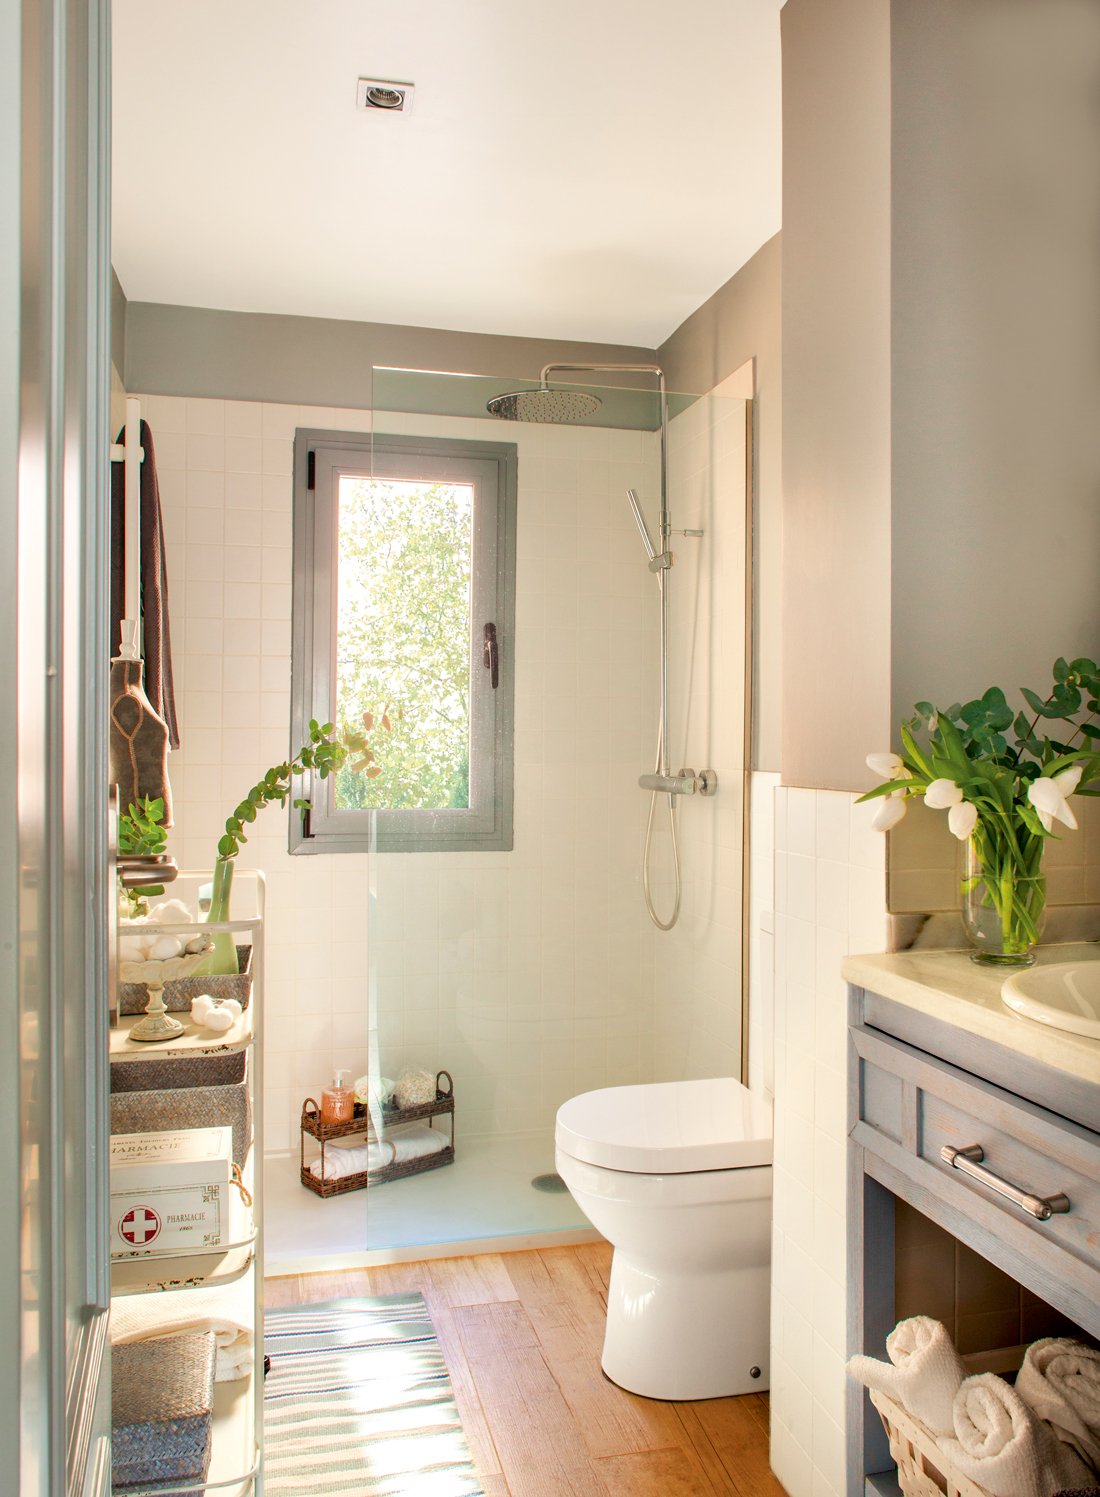 Renueva tu cocina y tu ba o sin grandes obras - Azulejos para ducha ...